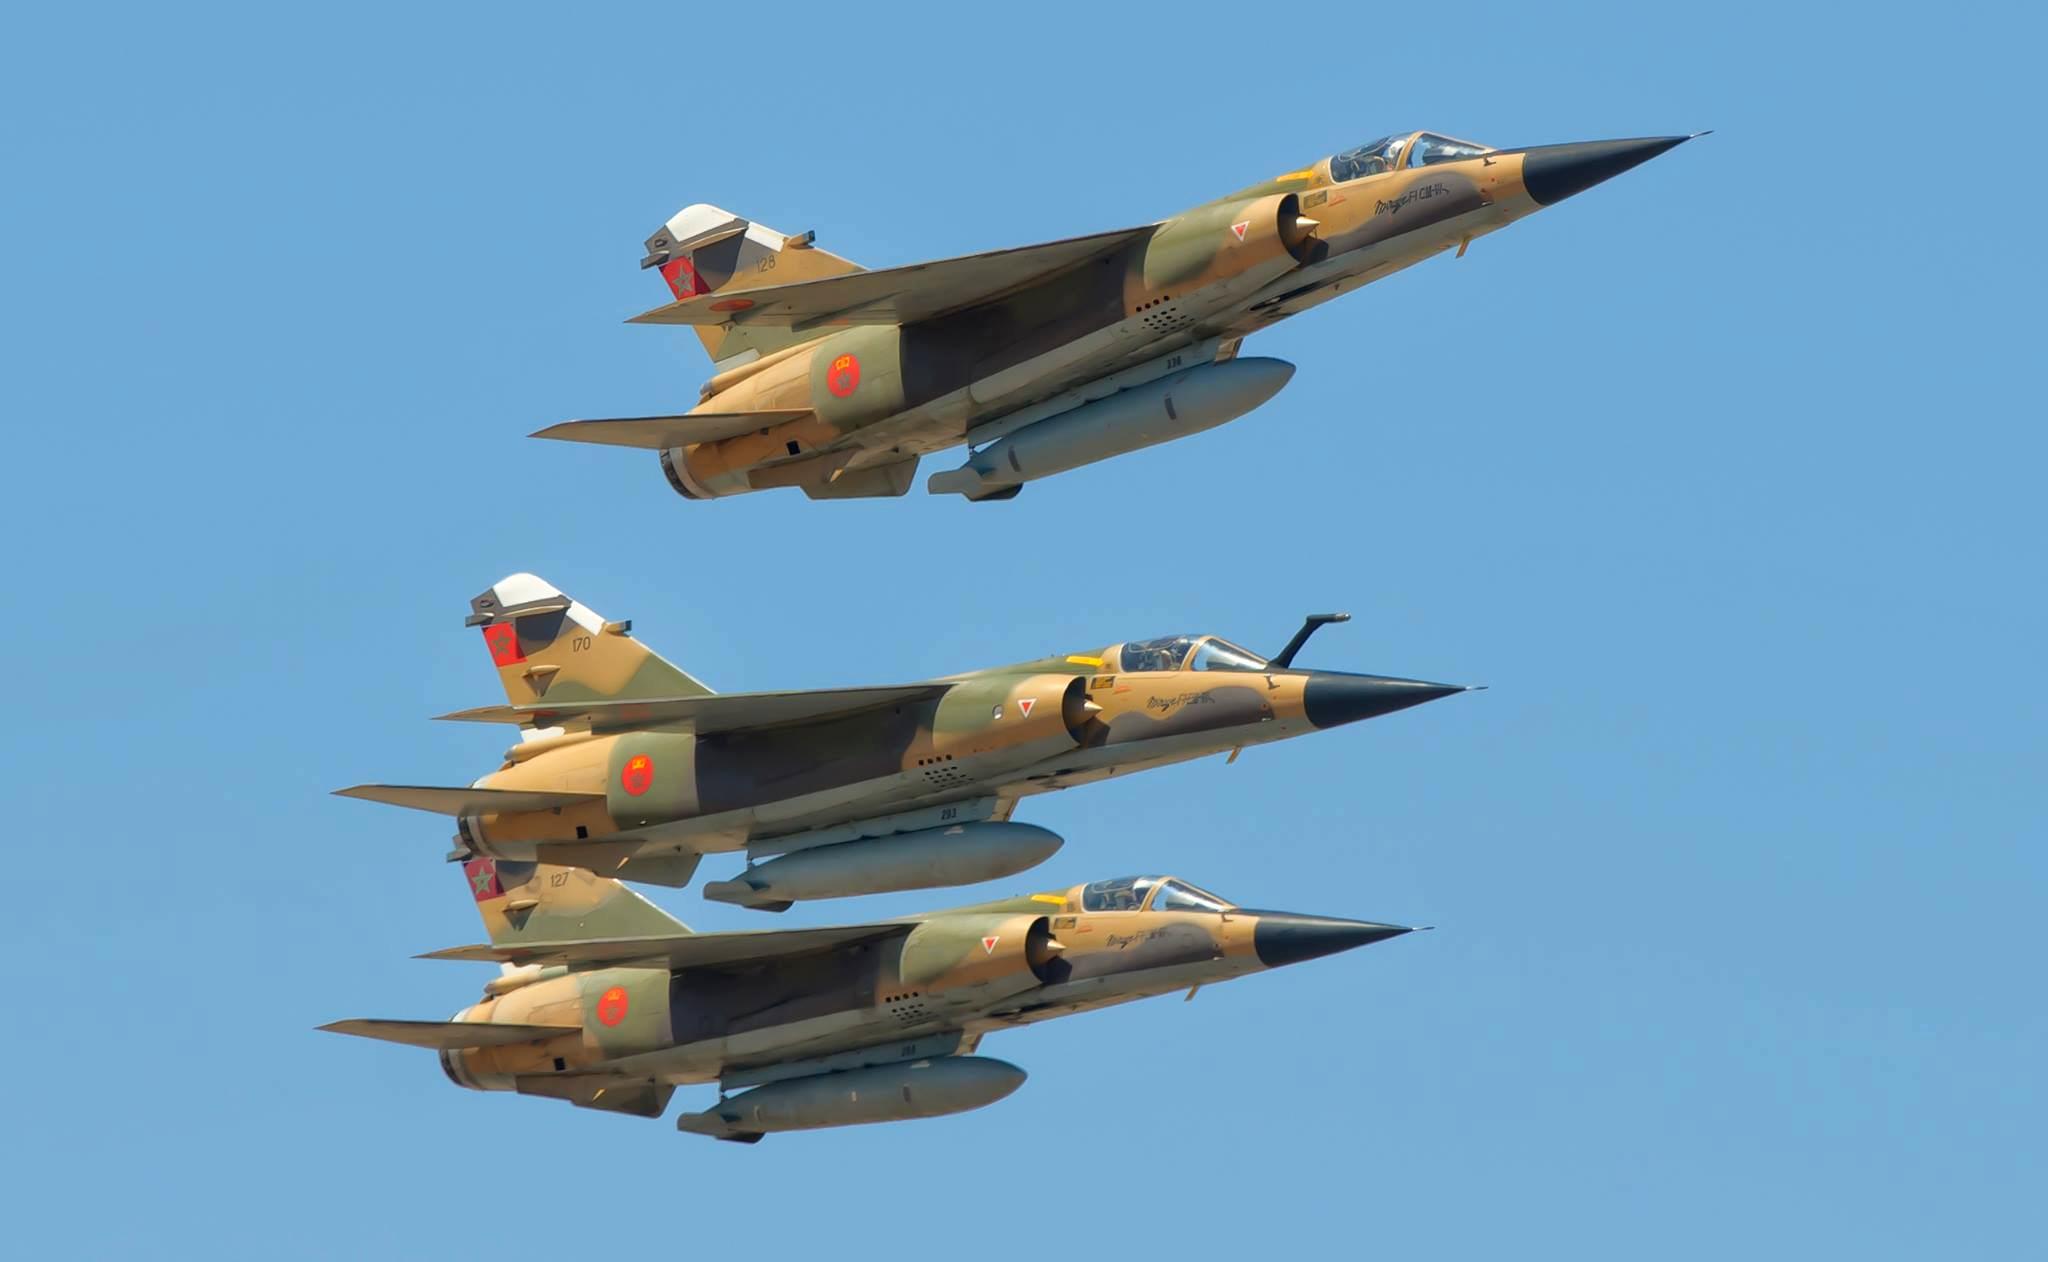 القوات الجوية الملكية المغربية - متجدد - - صفحة 2 160201055954949308